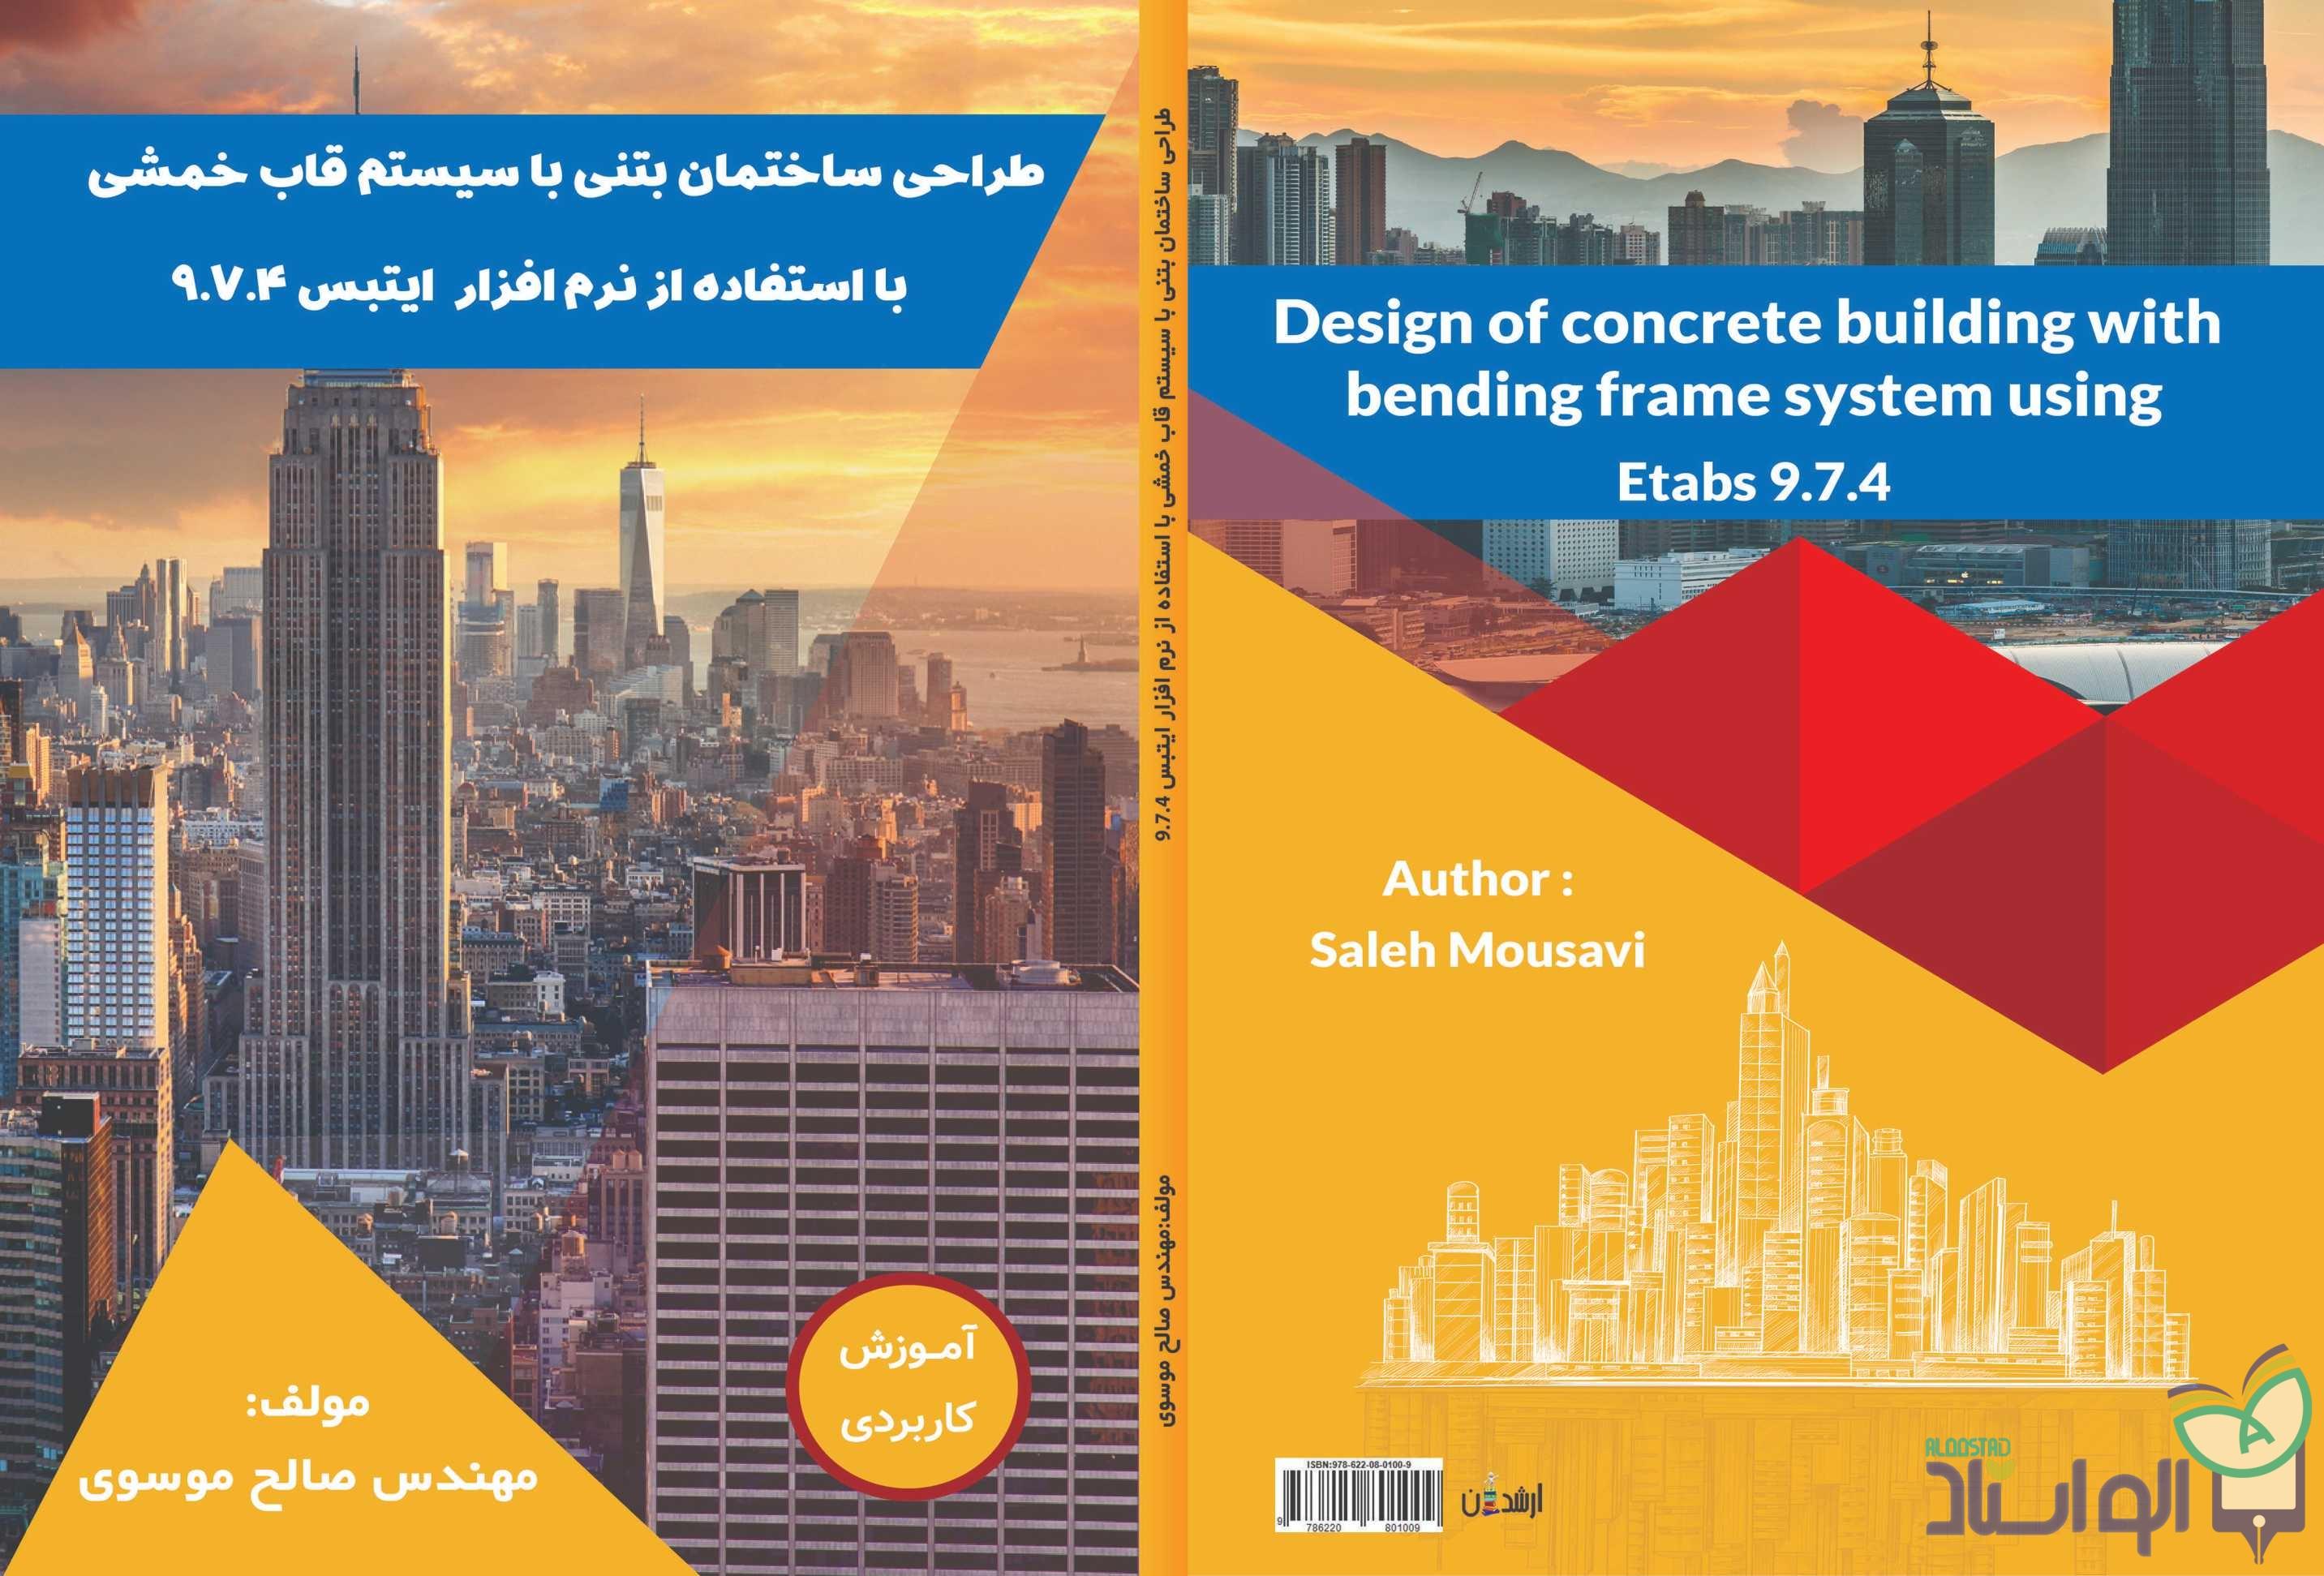 طراحی ساختمان بتنی با سیستم قاب خمشی با استفاده از نرم افزار ایتبس 9.7.4